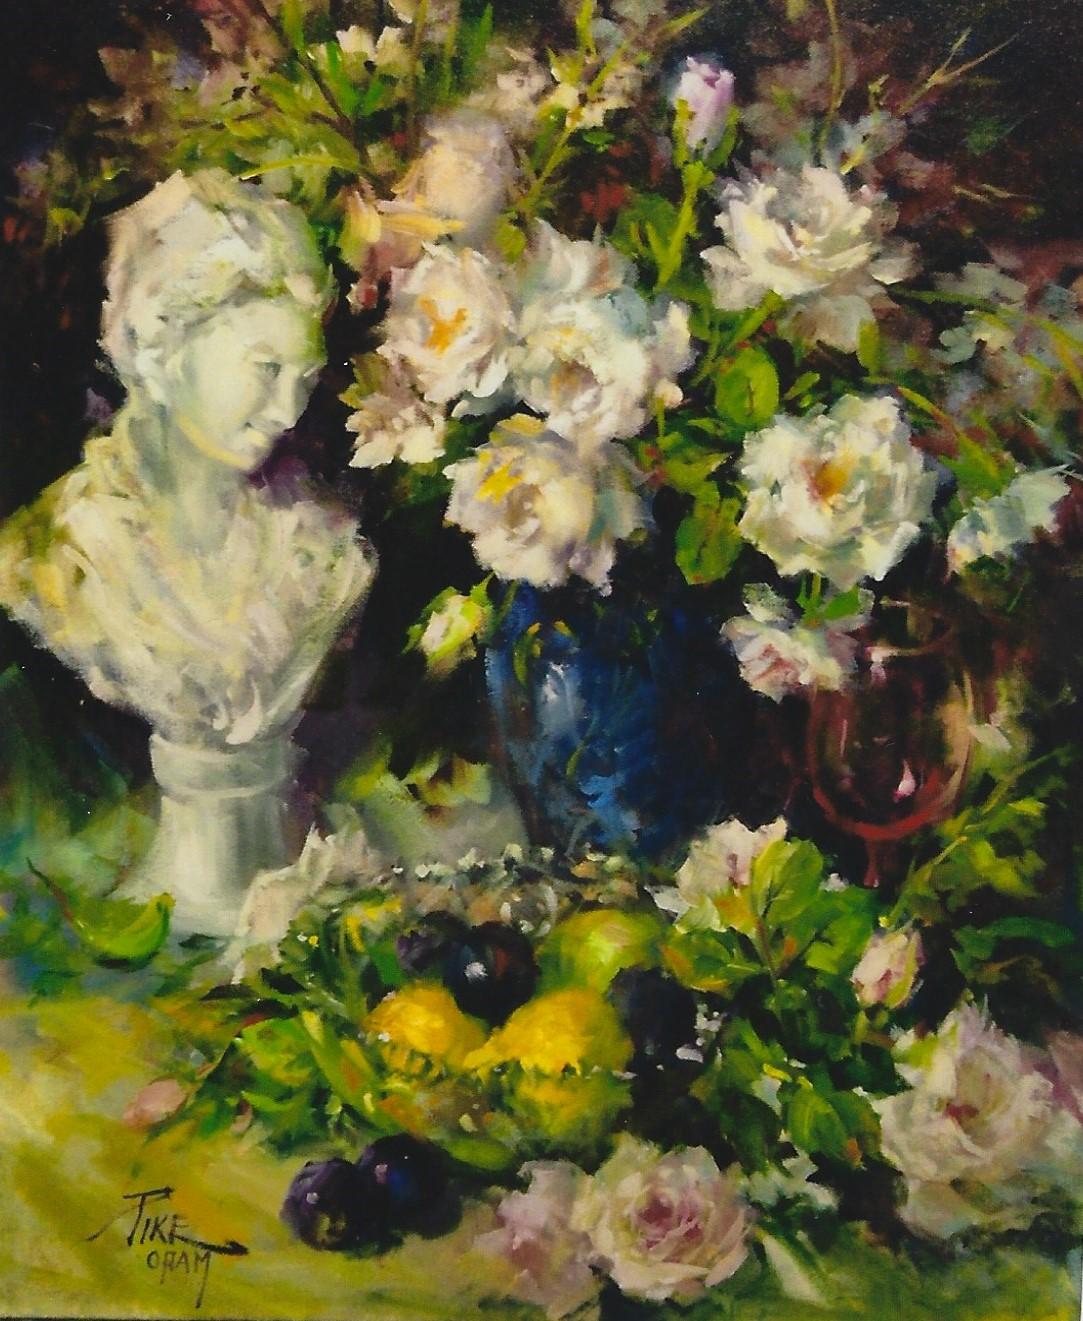 Joyce Pike OPAM